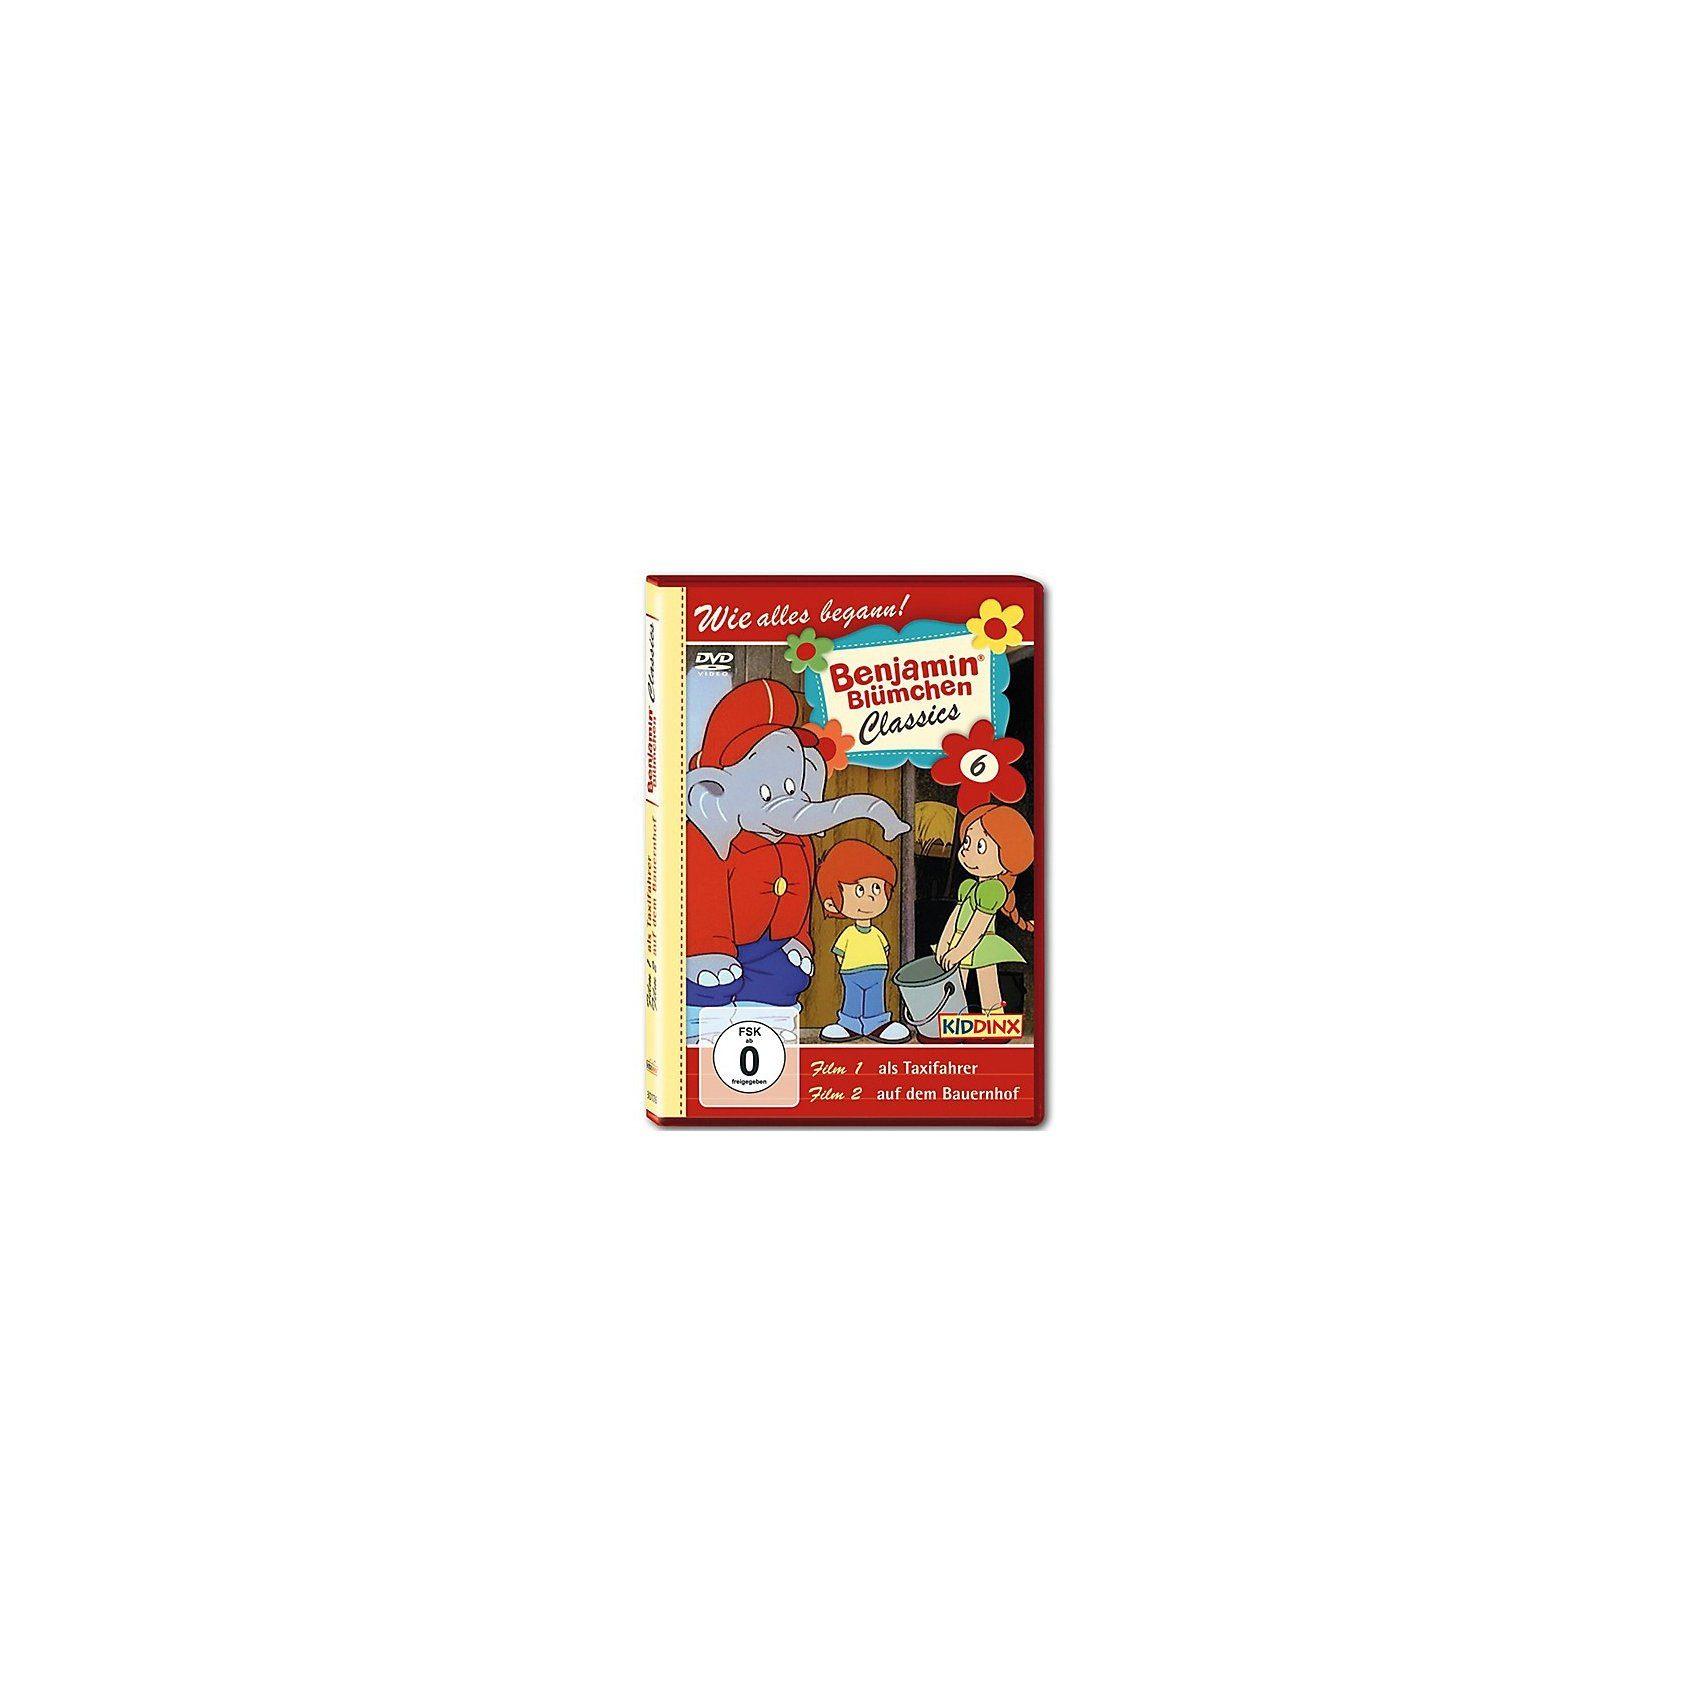 Kiddinx DVD Benjamin Blümchen Classic 06 als Taxifahrer/ auf dem Bau